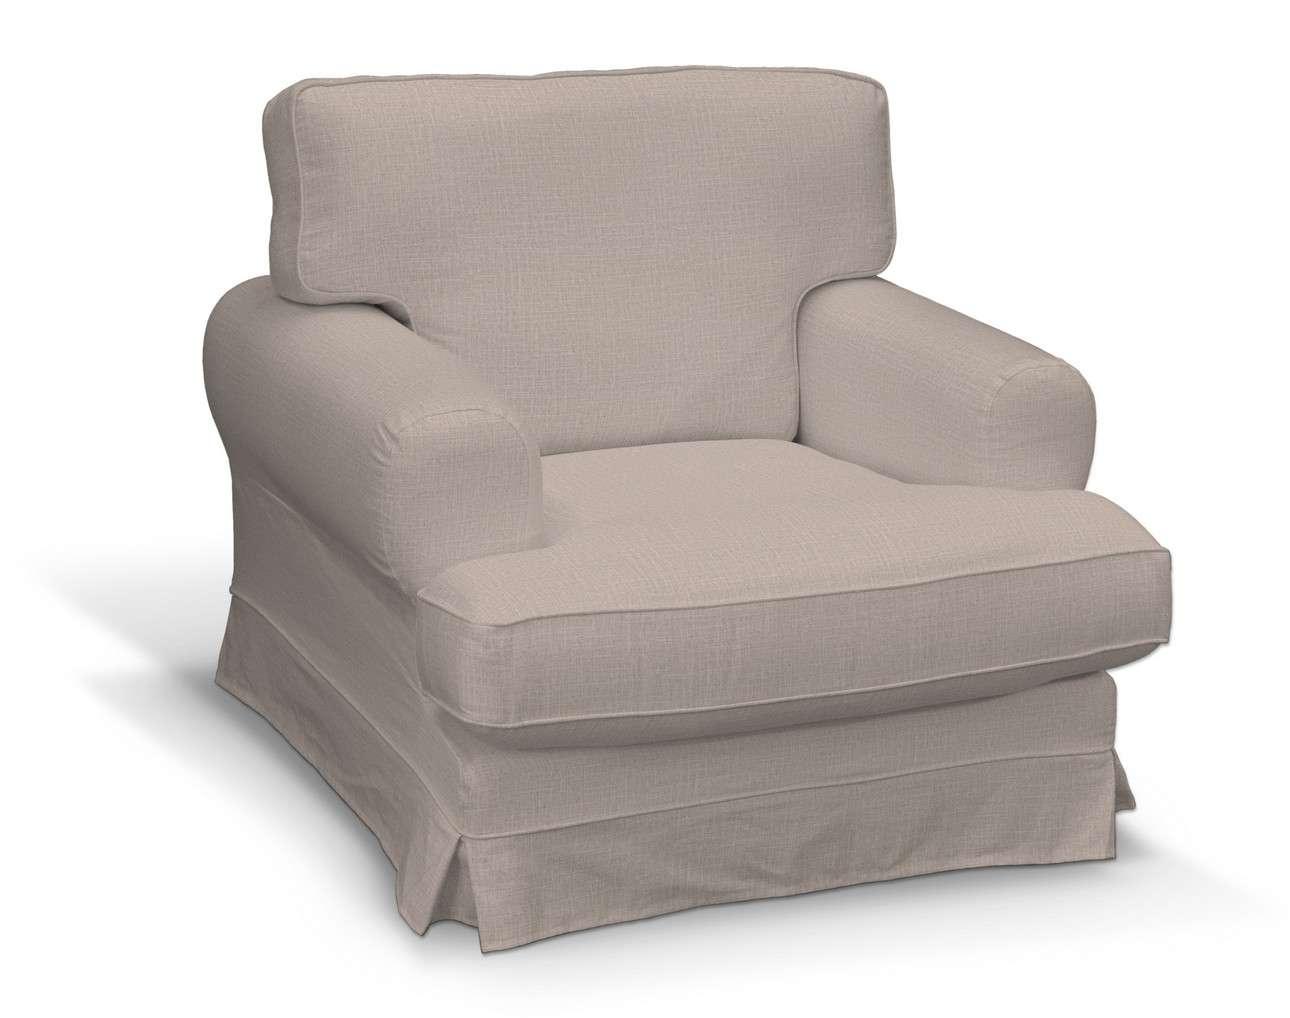 IKEA stoelhoes/ overtrek voor Ekeskog van de collectie Living, Stof: 160-85